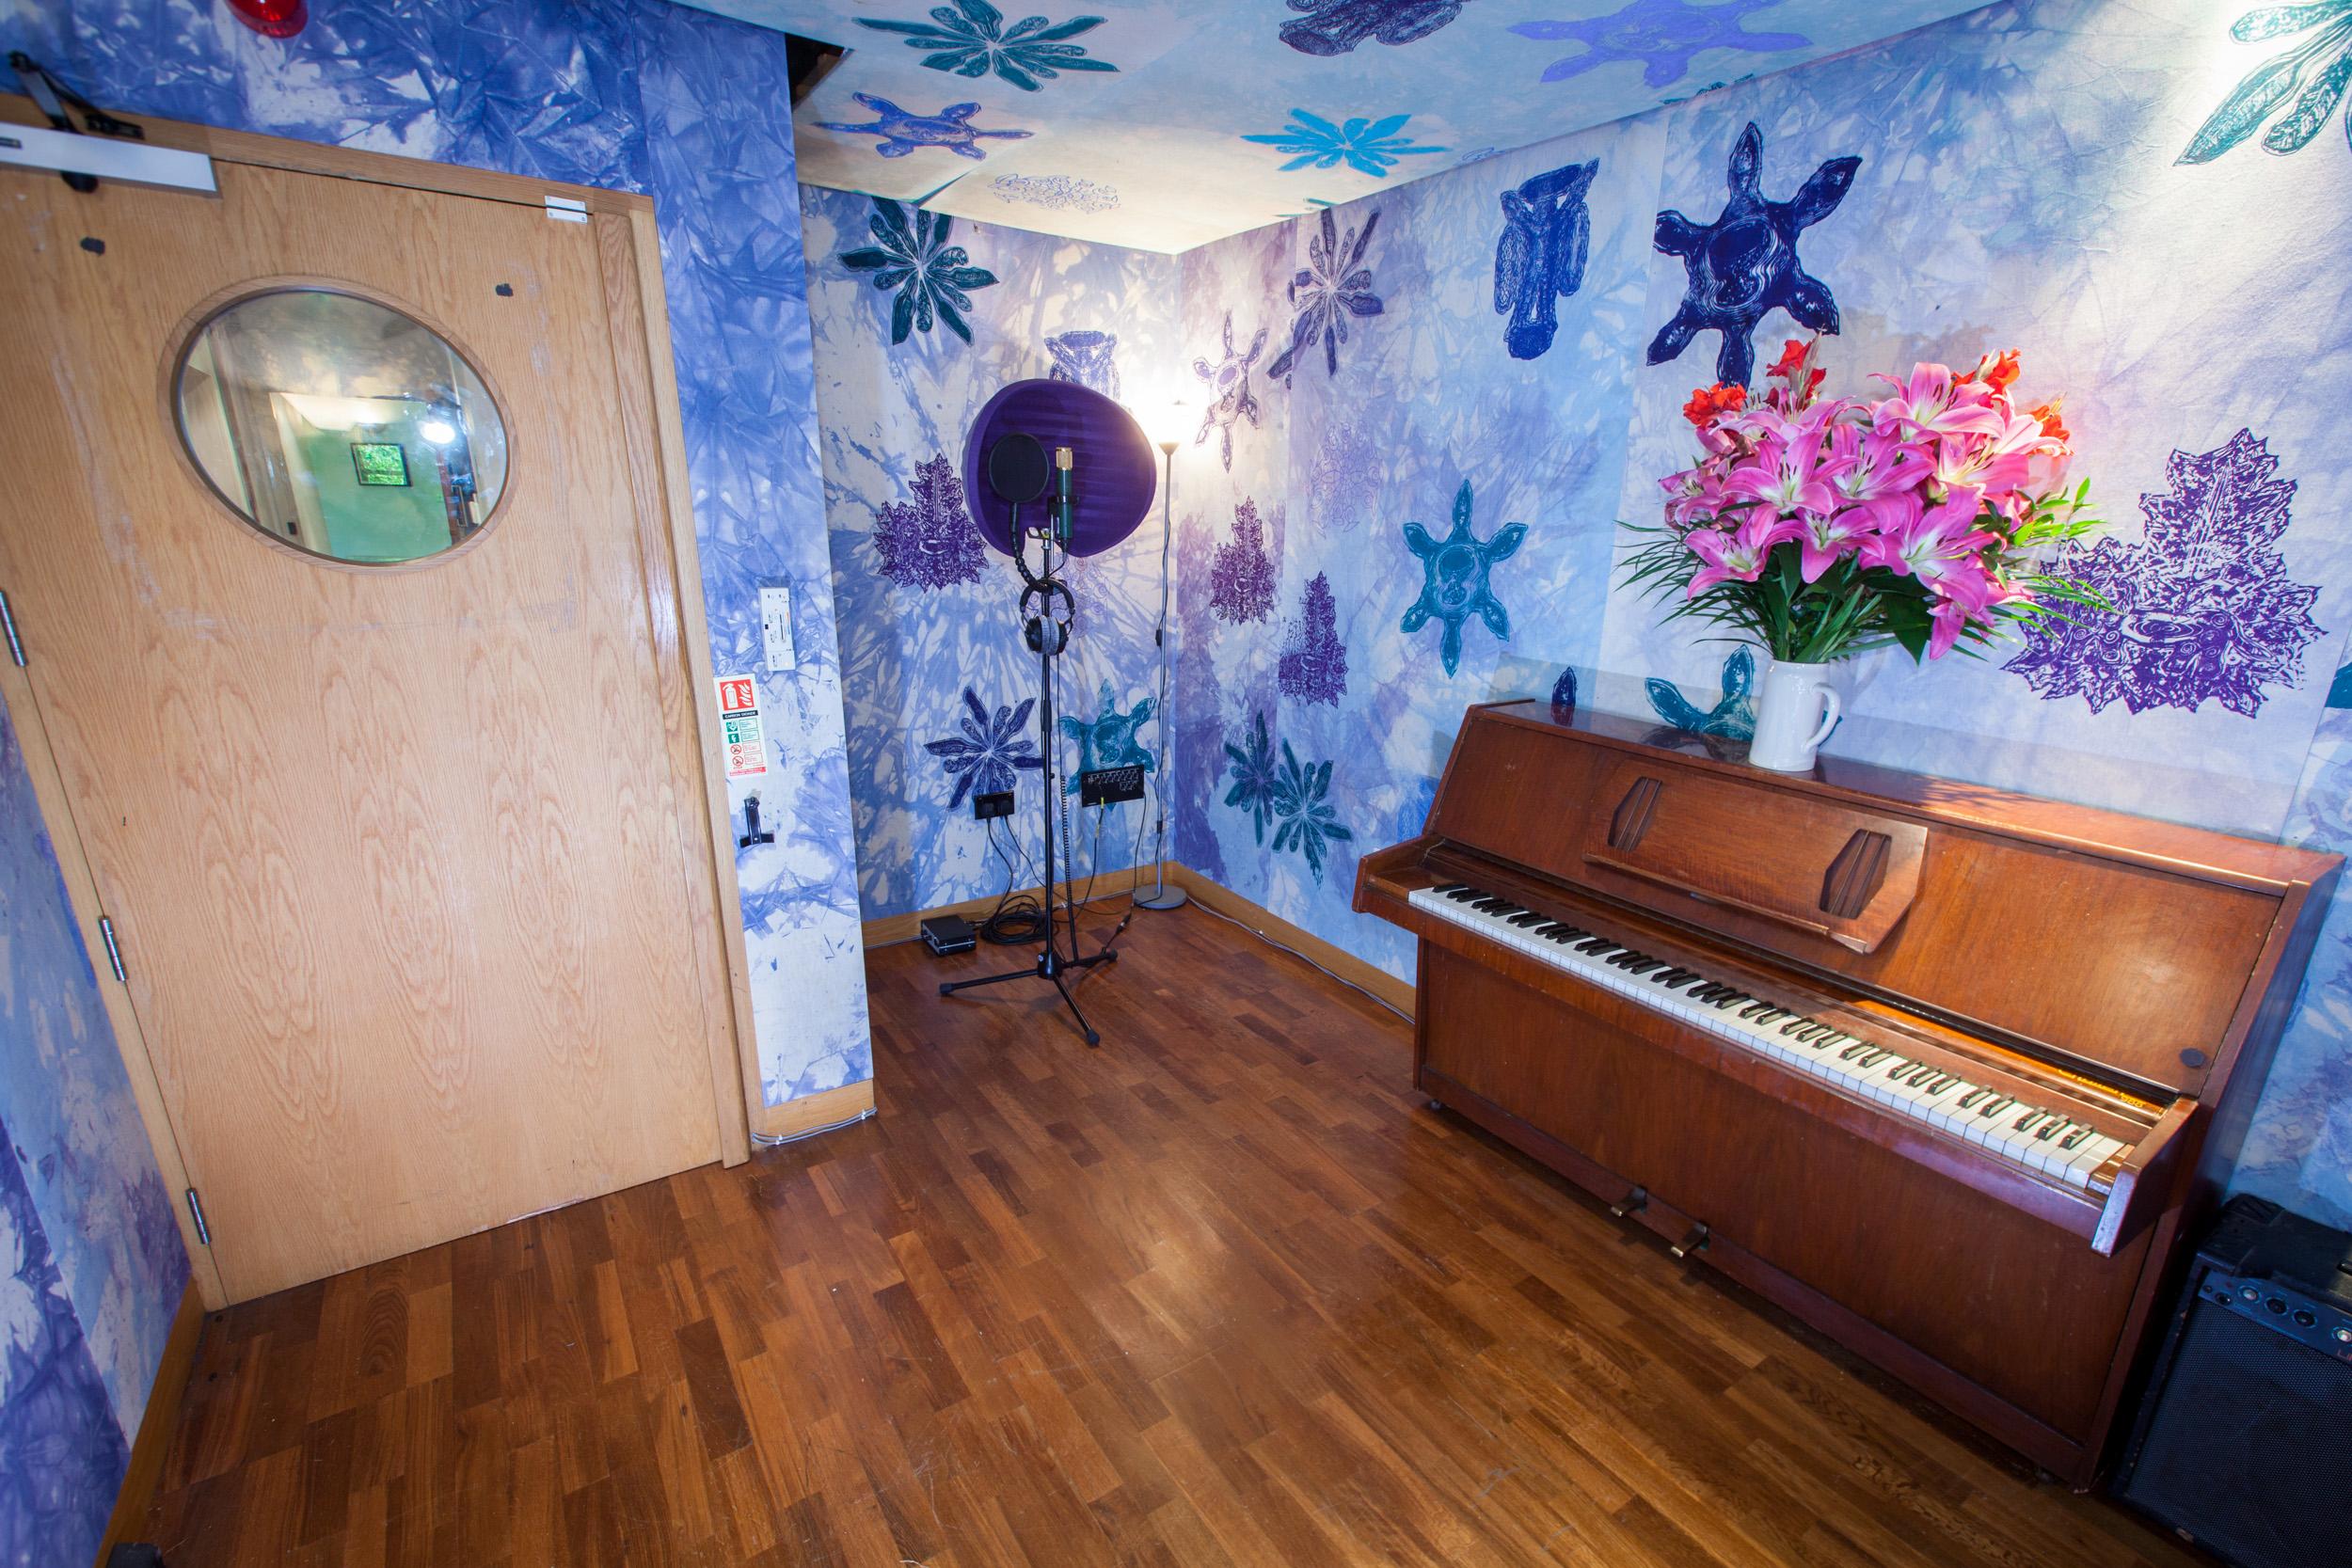 Studio 4 live room 2